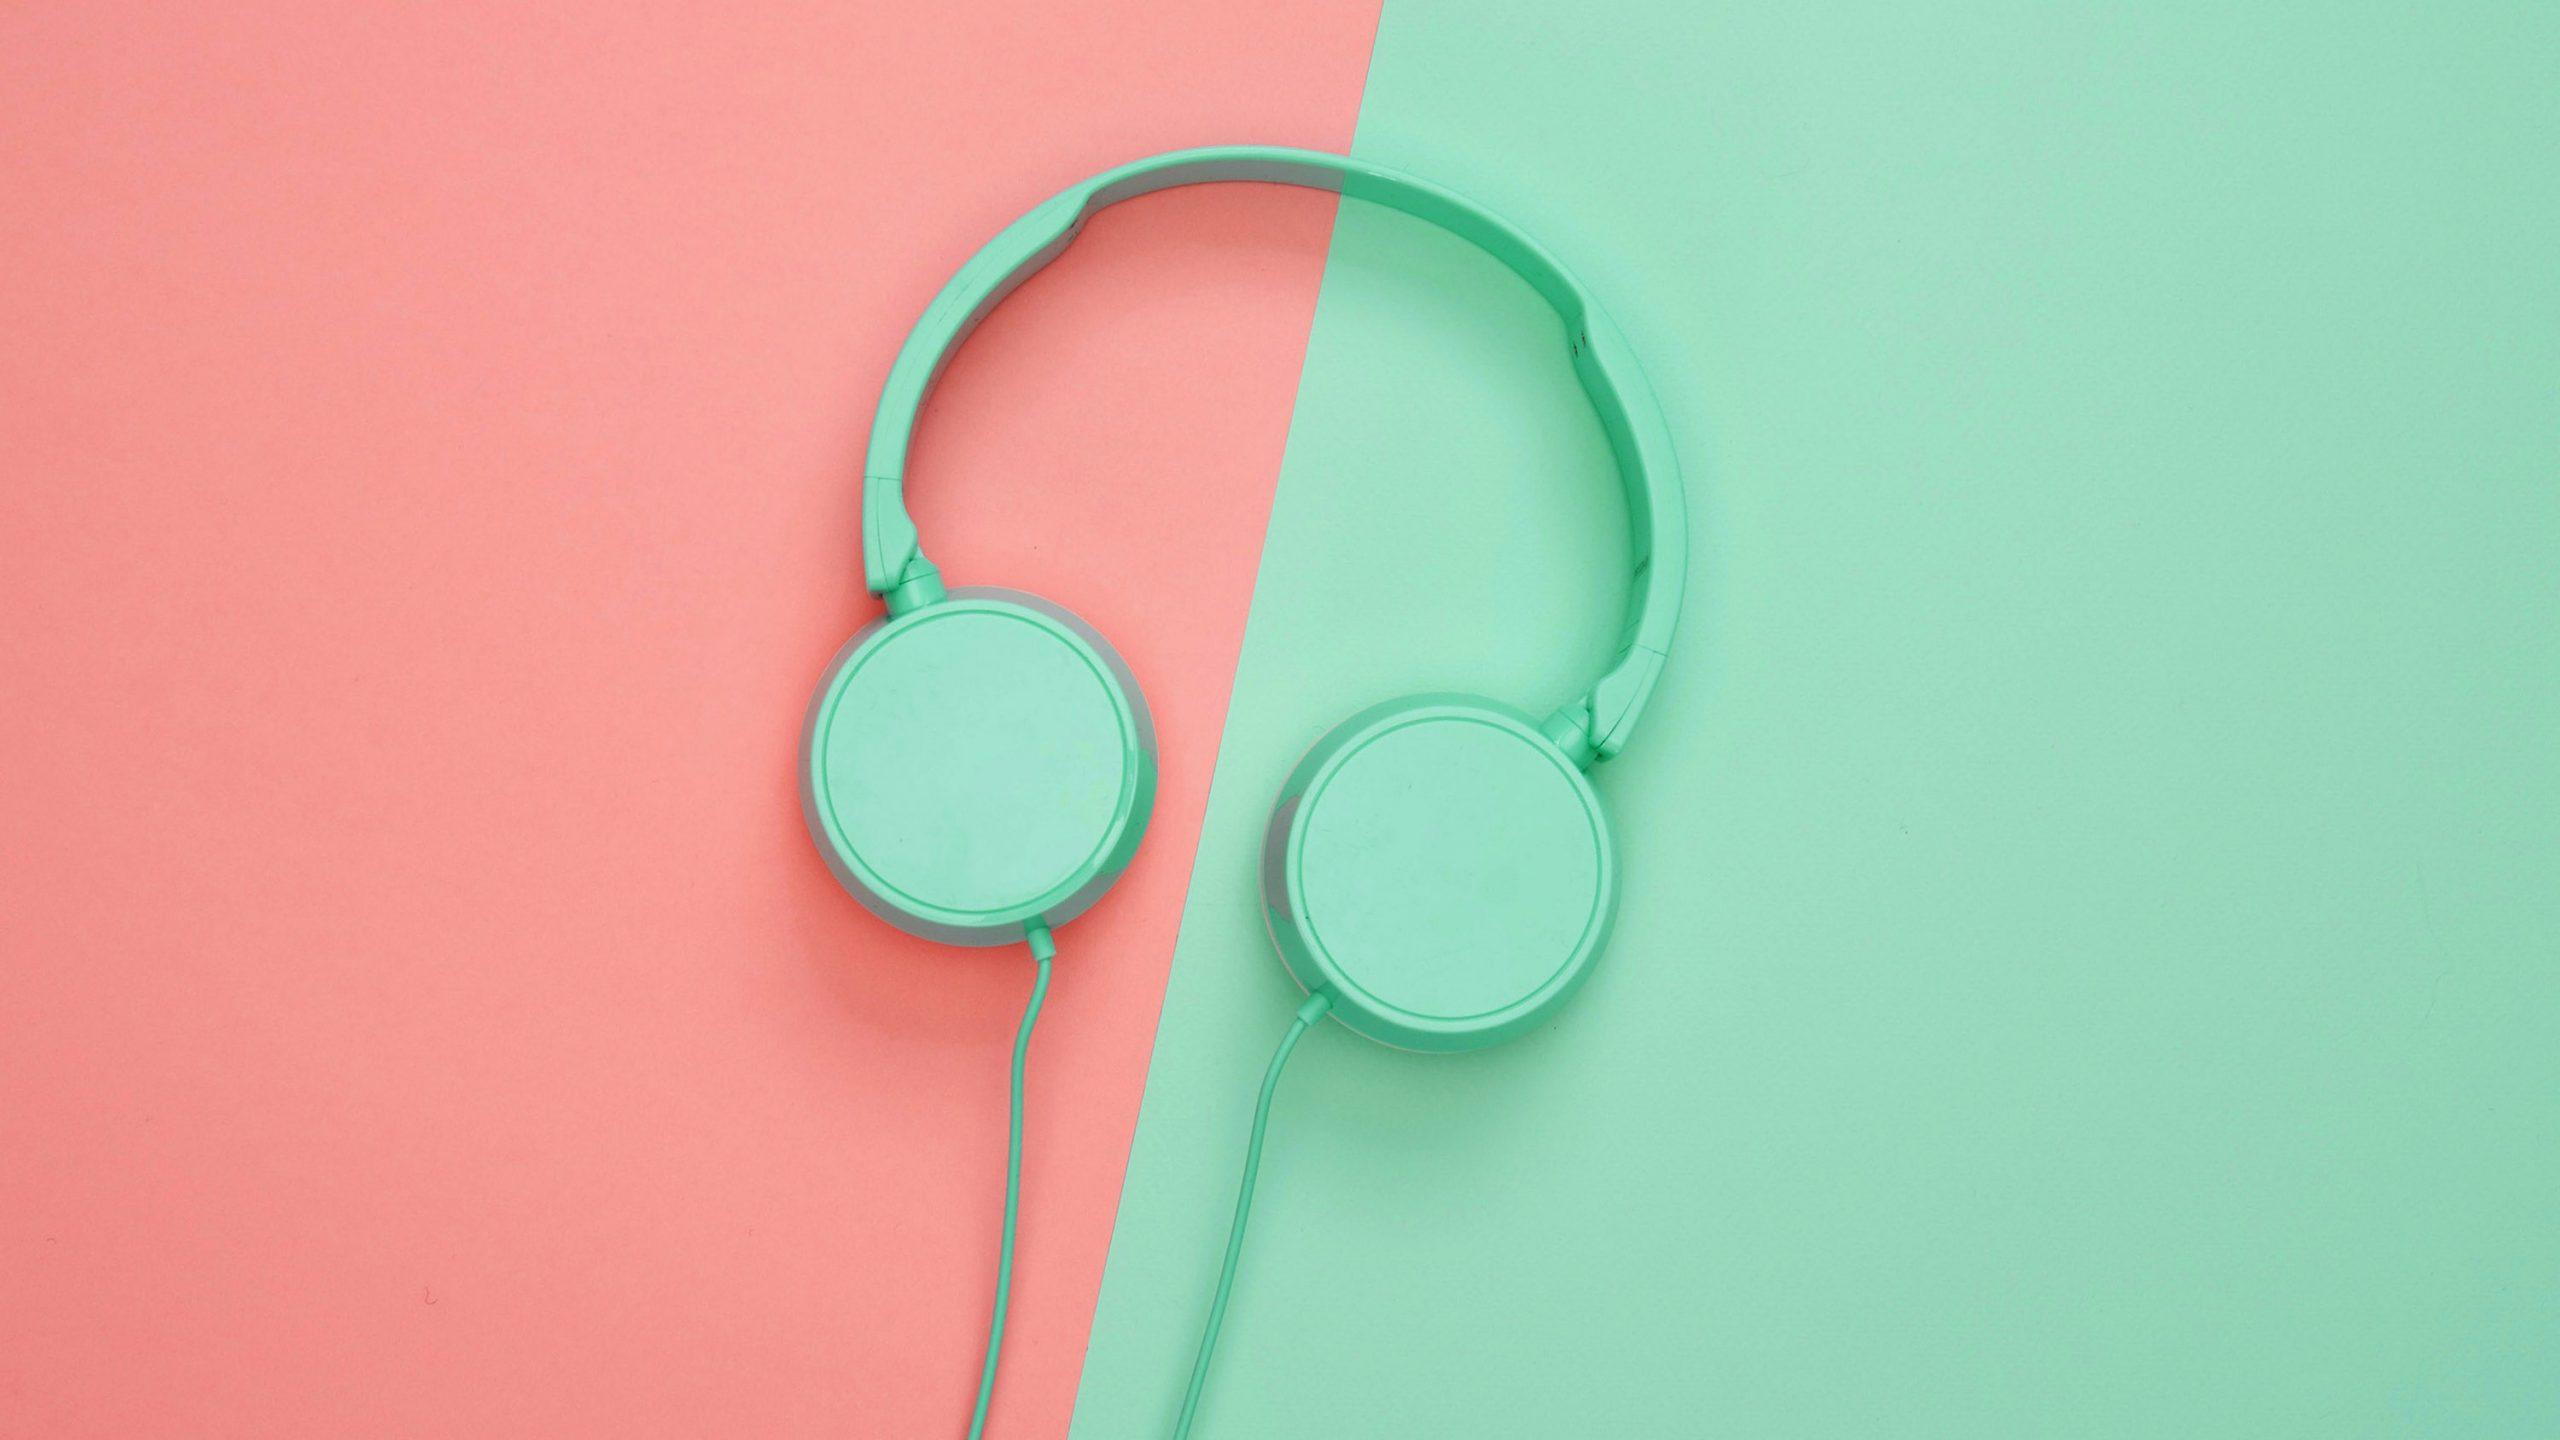 クラブハウス流行、ソーシャルメディアの未来は「音声」か?